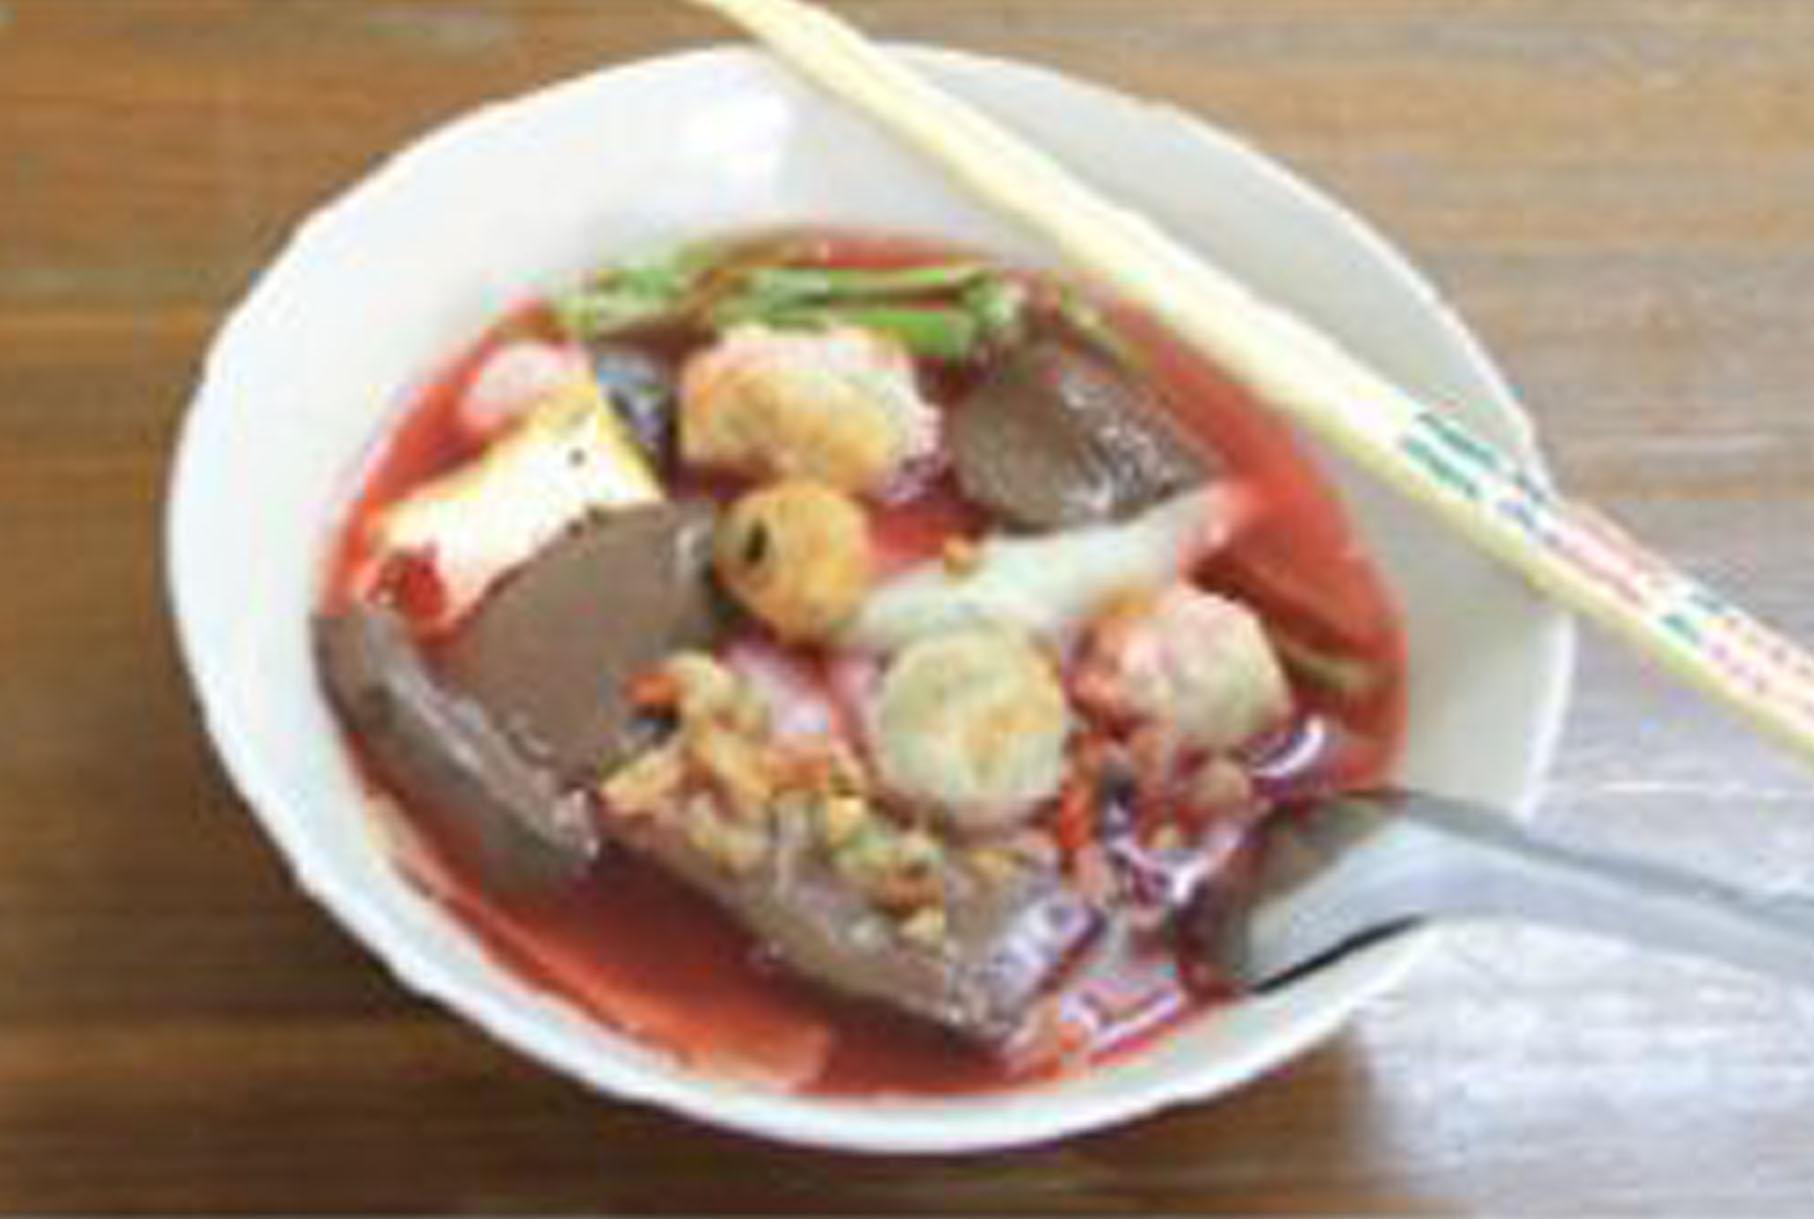 スープがピンク色のヌードルは何? - ワイズデジタル【タイで生活する人のための情報サイト】